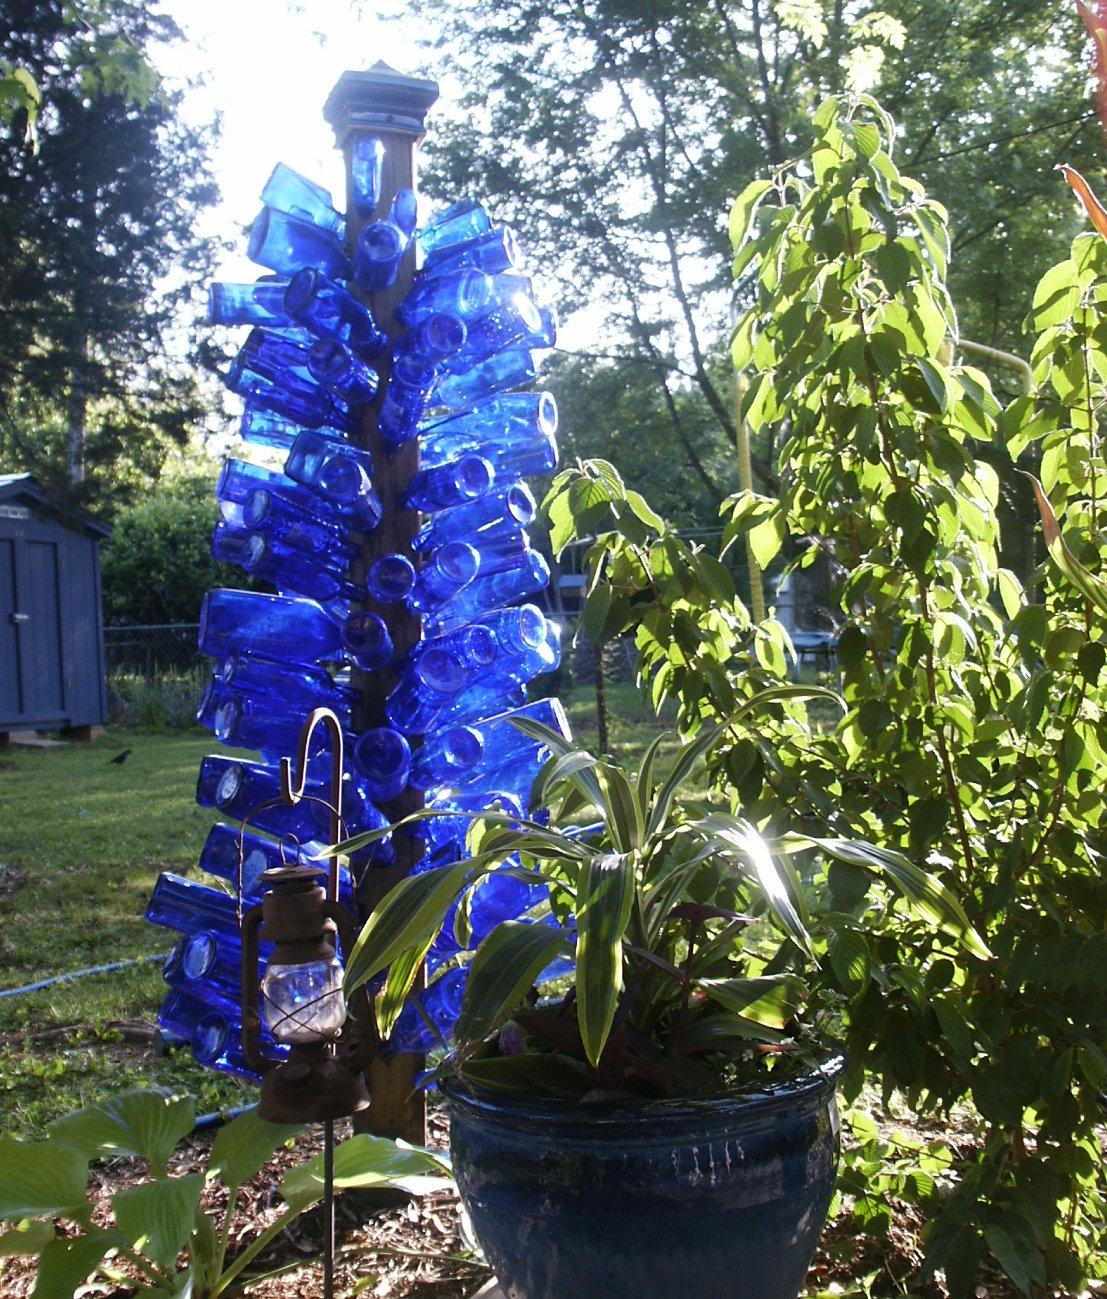 The Blue Bottle Tree